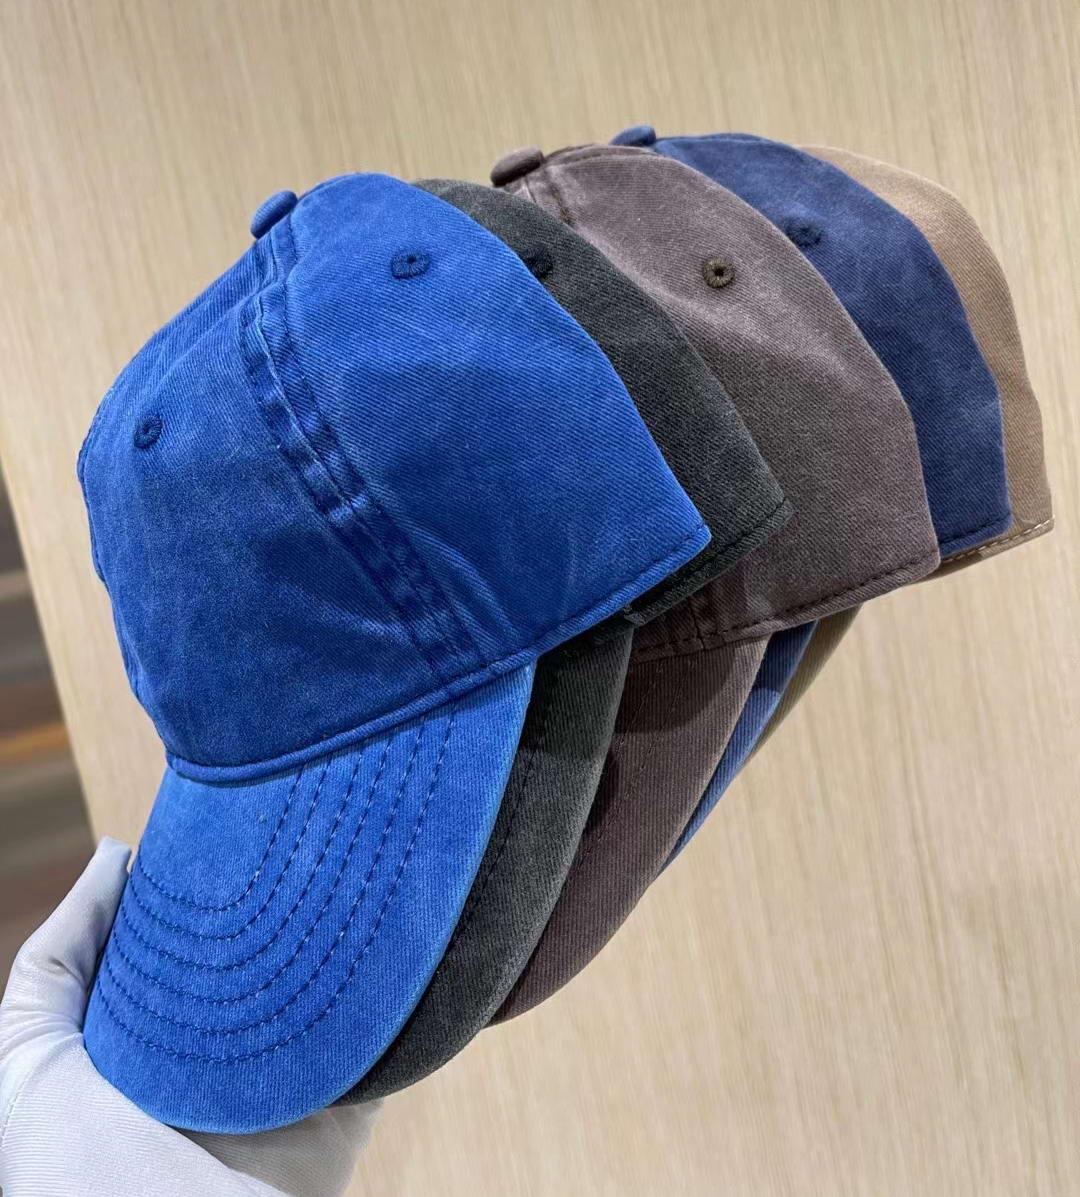 Yıkanmış Pamuk Beyzbol Kapaklar Ayarlanabilir Strapback Topu Kapaklar Trucker Cap Kırmızı Açık Rahat Şapka Hediye Spor Beyzbol Balıkçılık Kapaklar Unisex